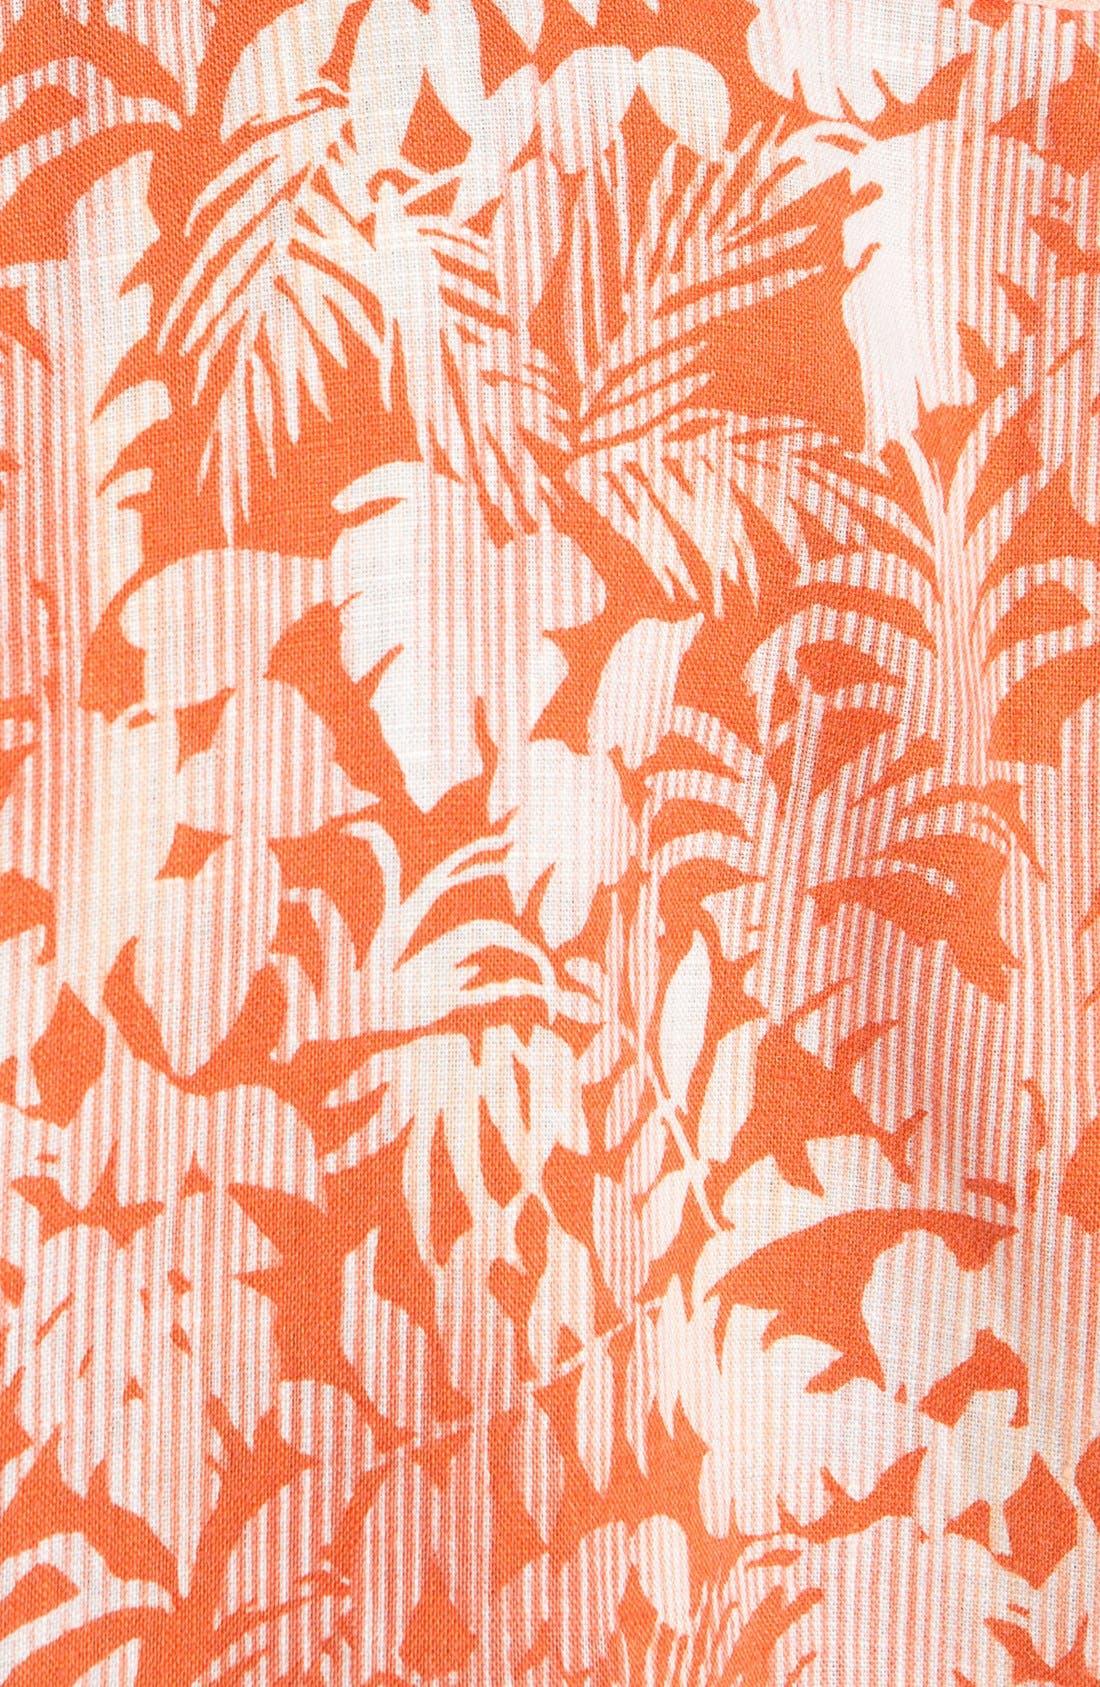 Alternate Image 3  - Tommy Bahama 'Palma Sola' Campshirt